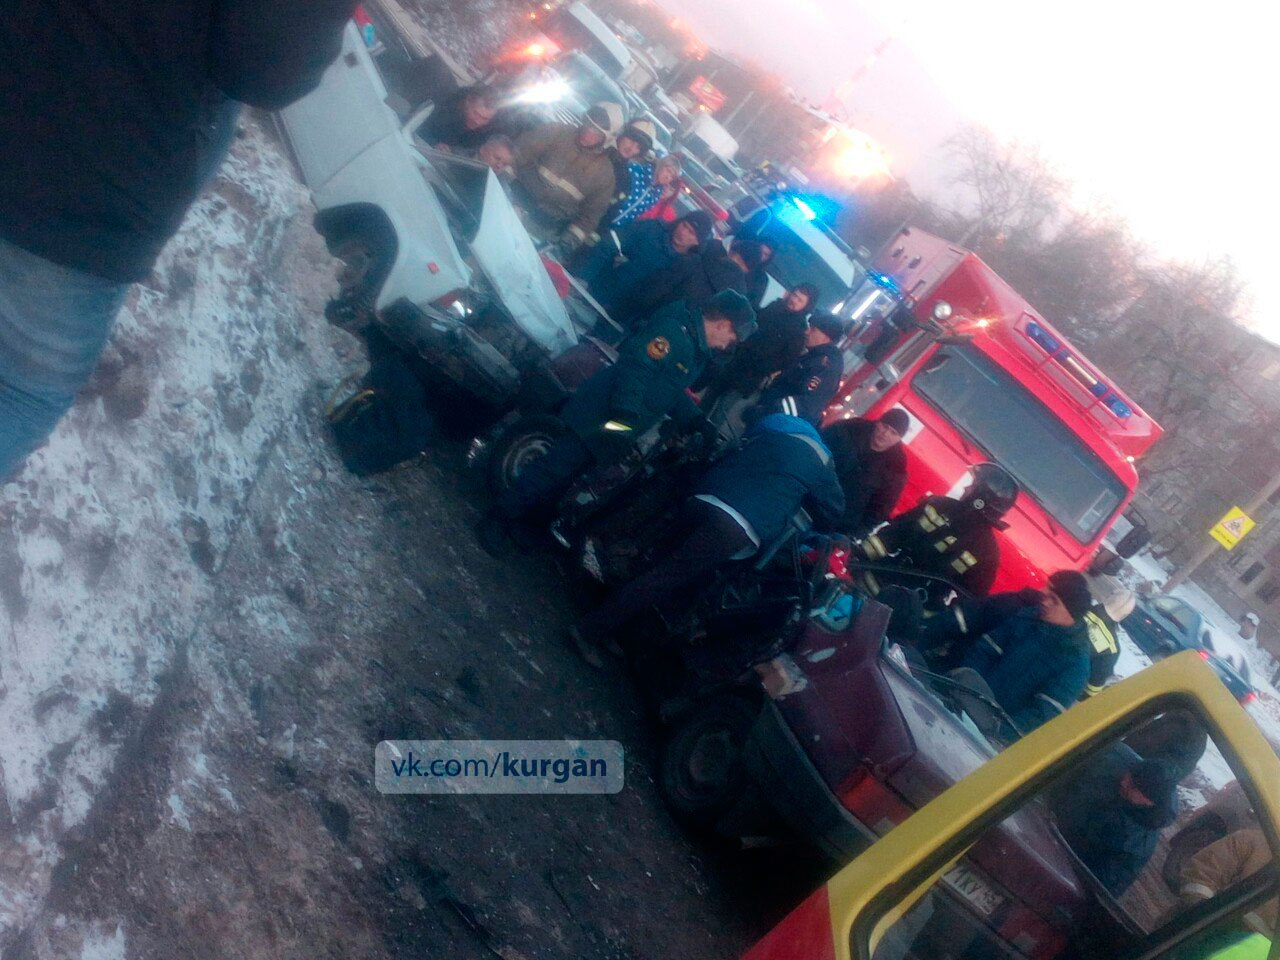 ВКургане нетрезвый шофёр умер, уходя отпреследования ДПС